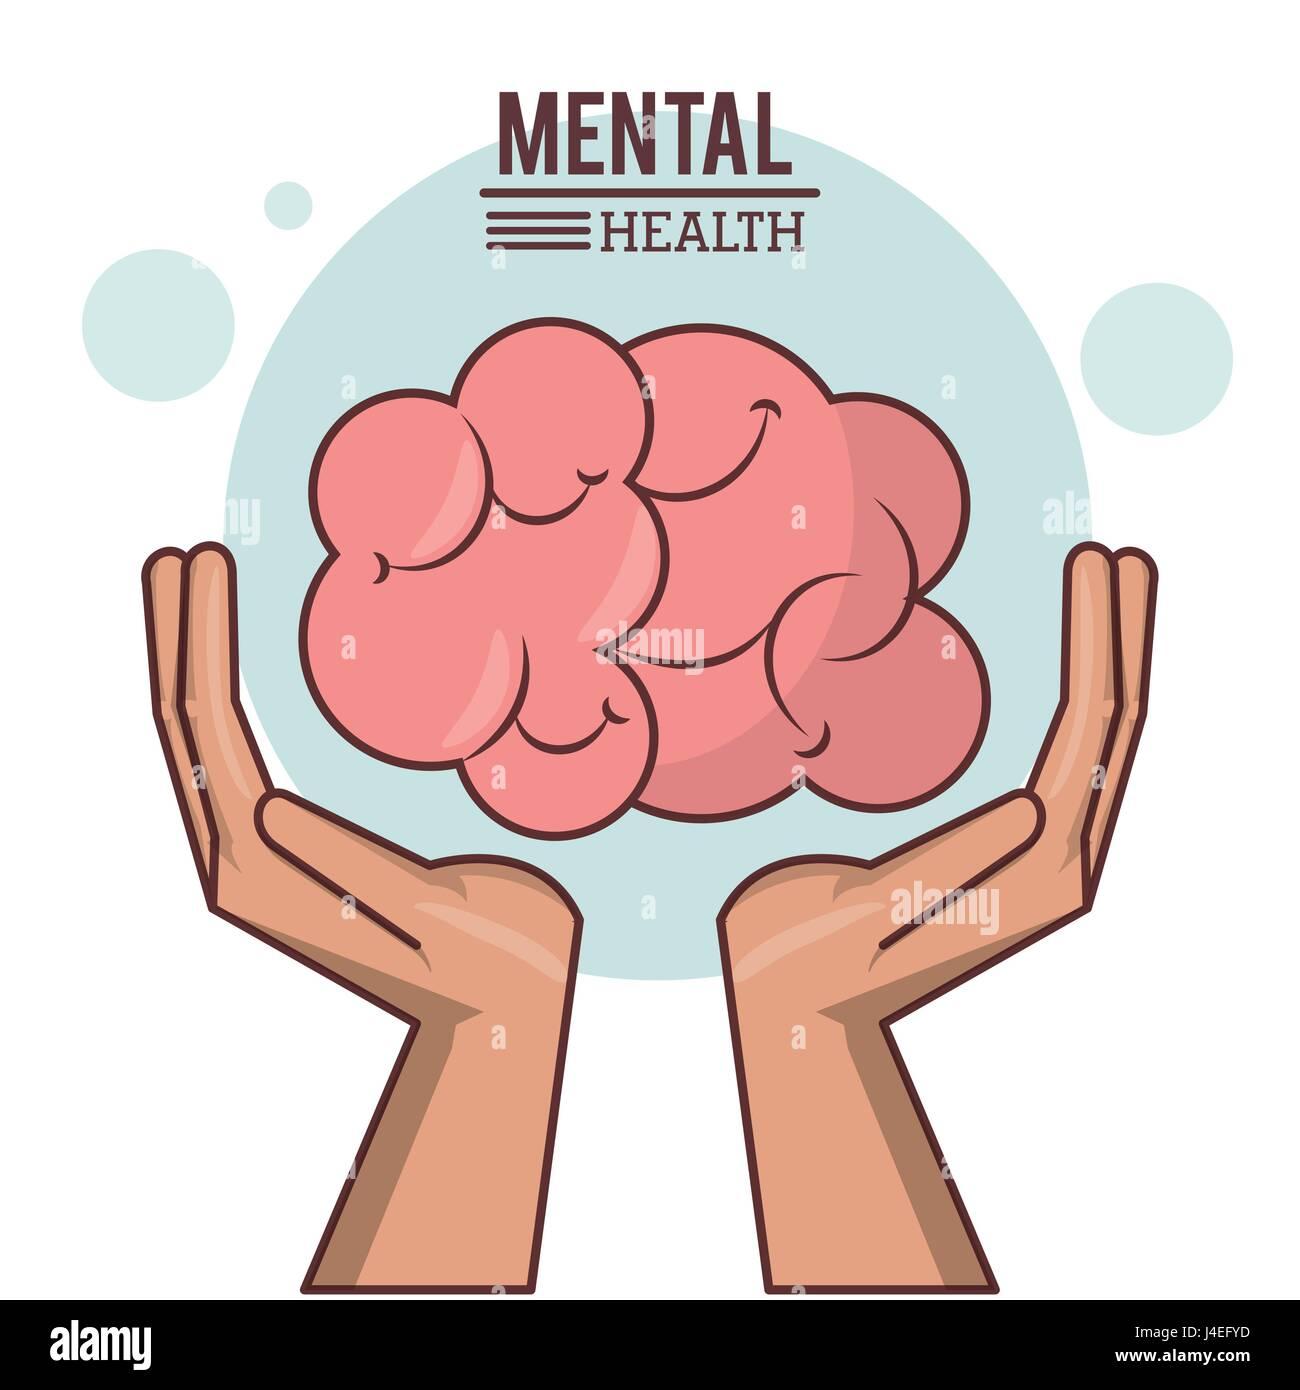 La salud mental, la mano con el diseño del cerebro humano Imagen De Stock